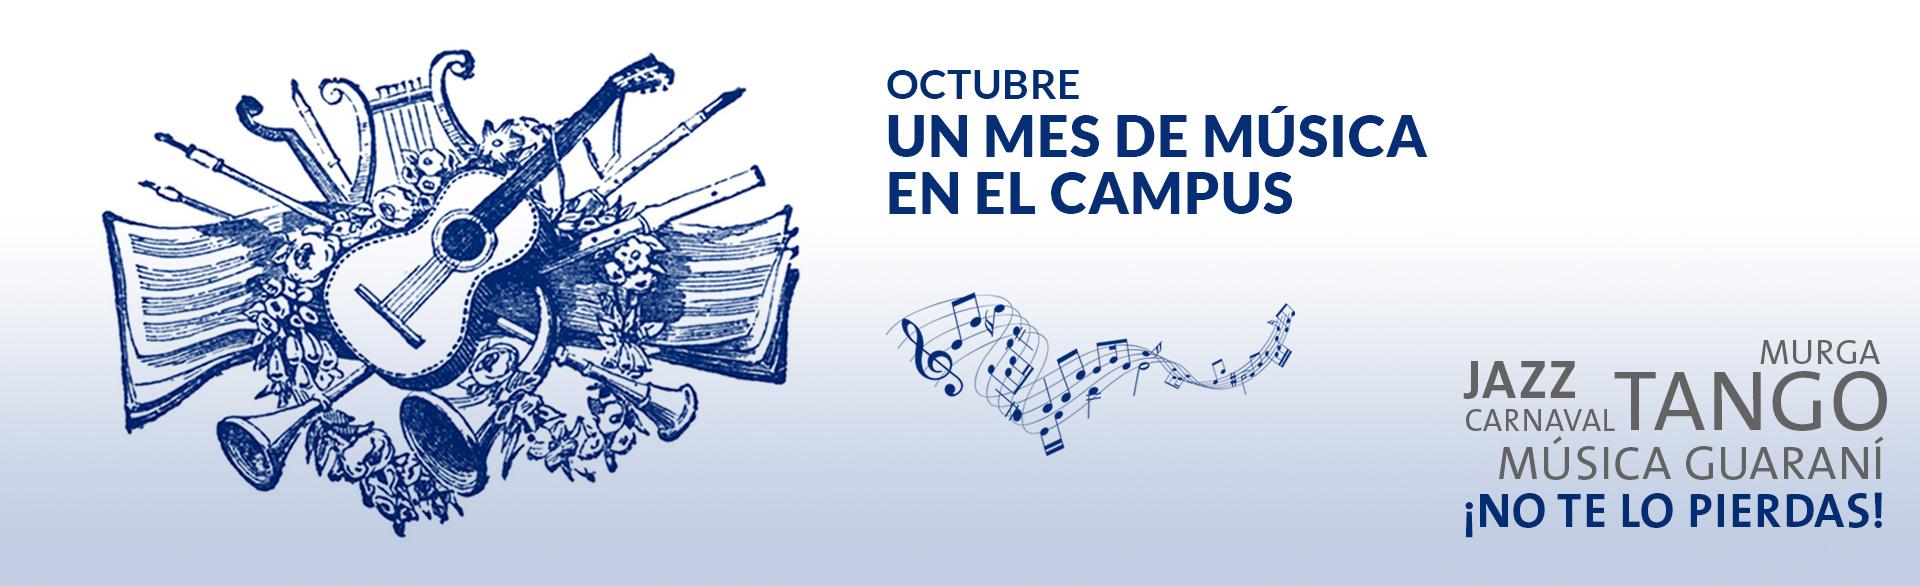 Octubre: Un mes de música en el Campus